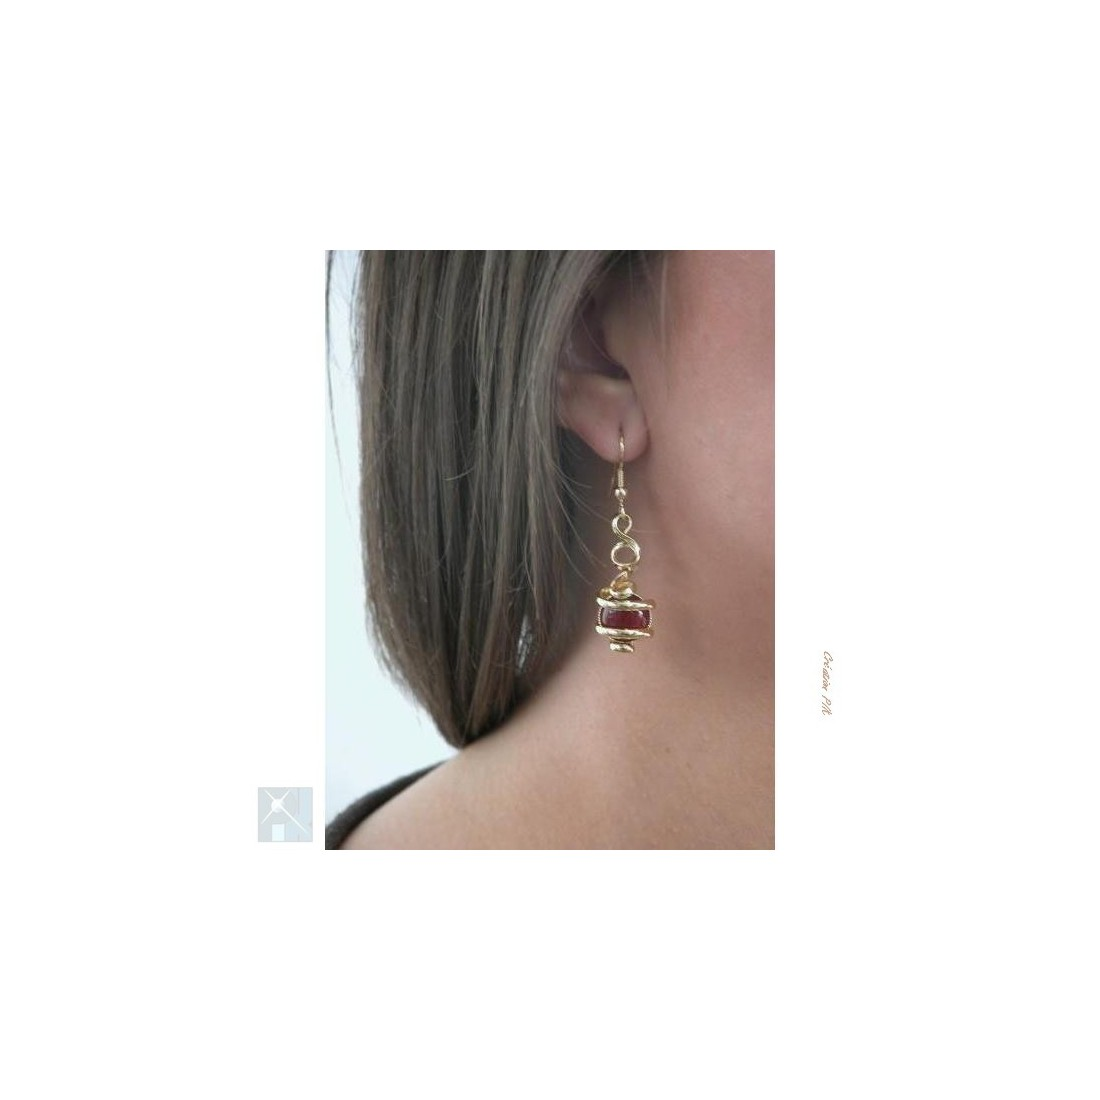 Boucles d'oreilles artisanales avec les  cornalines.